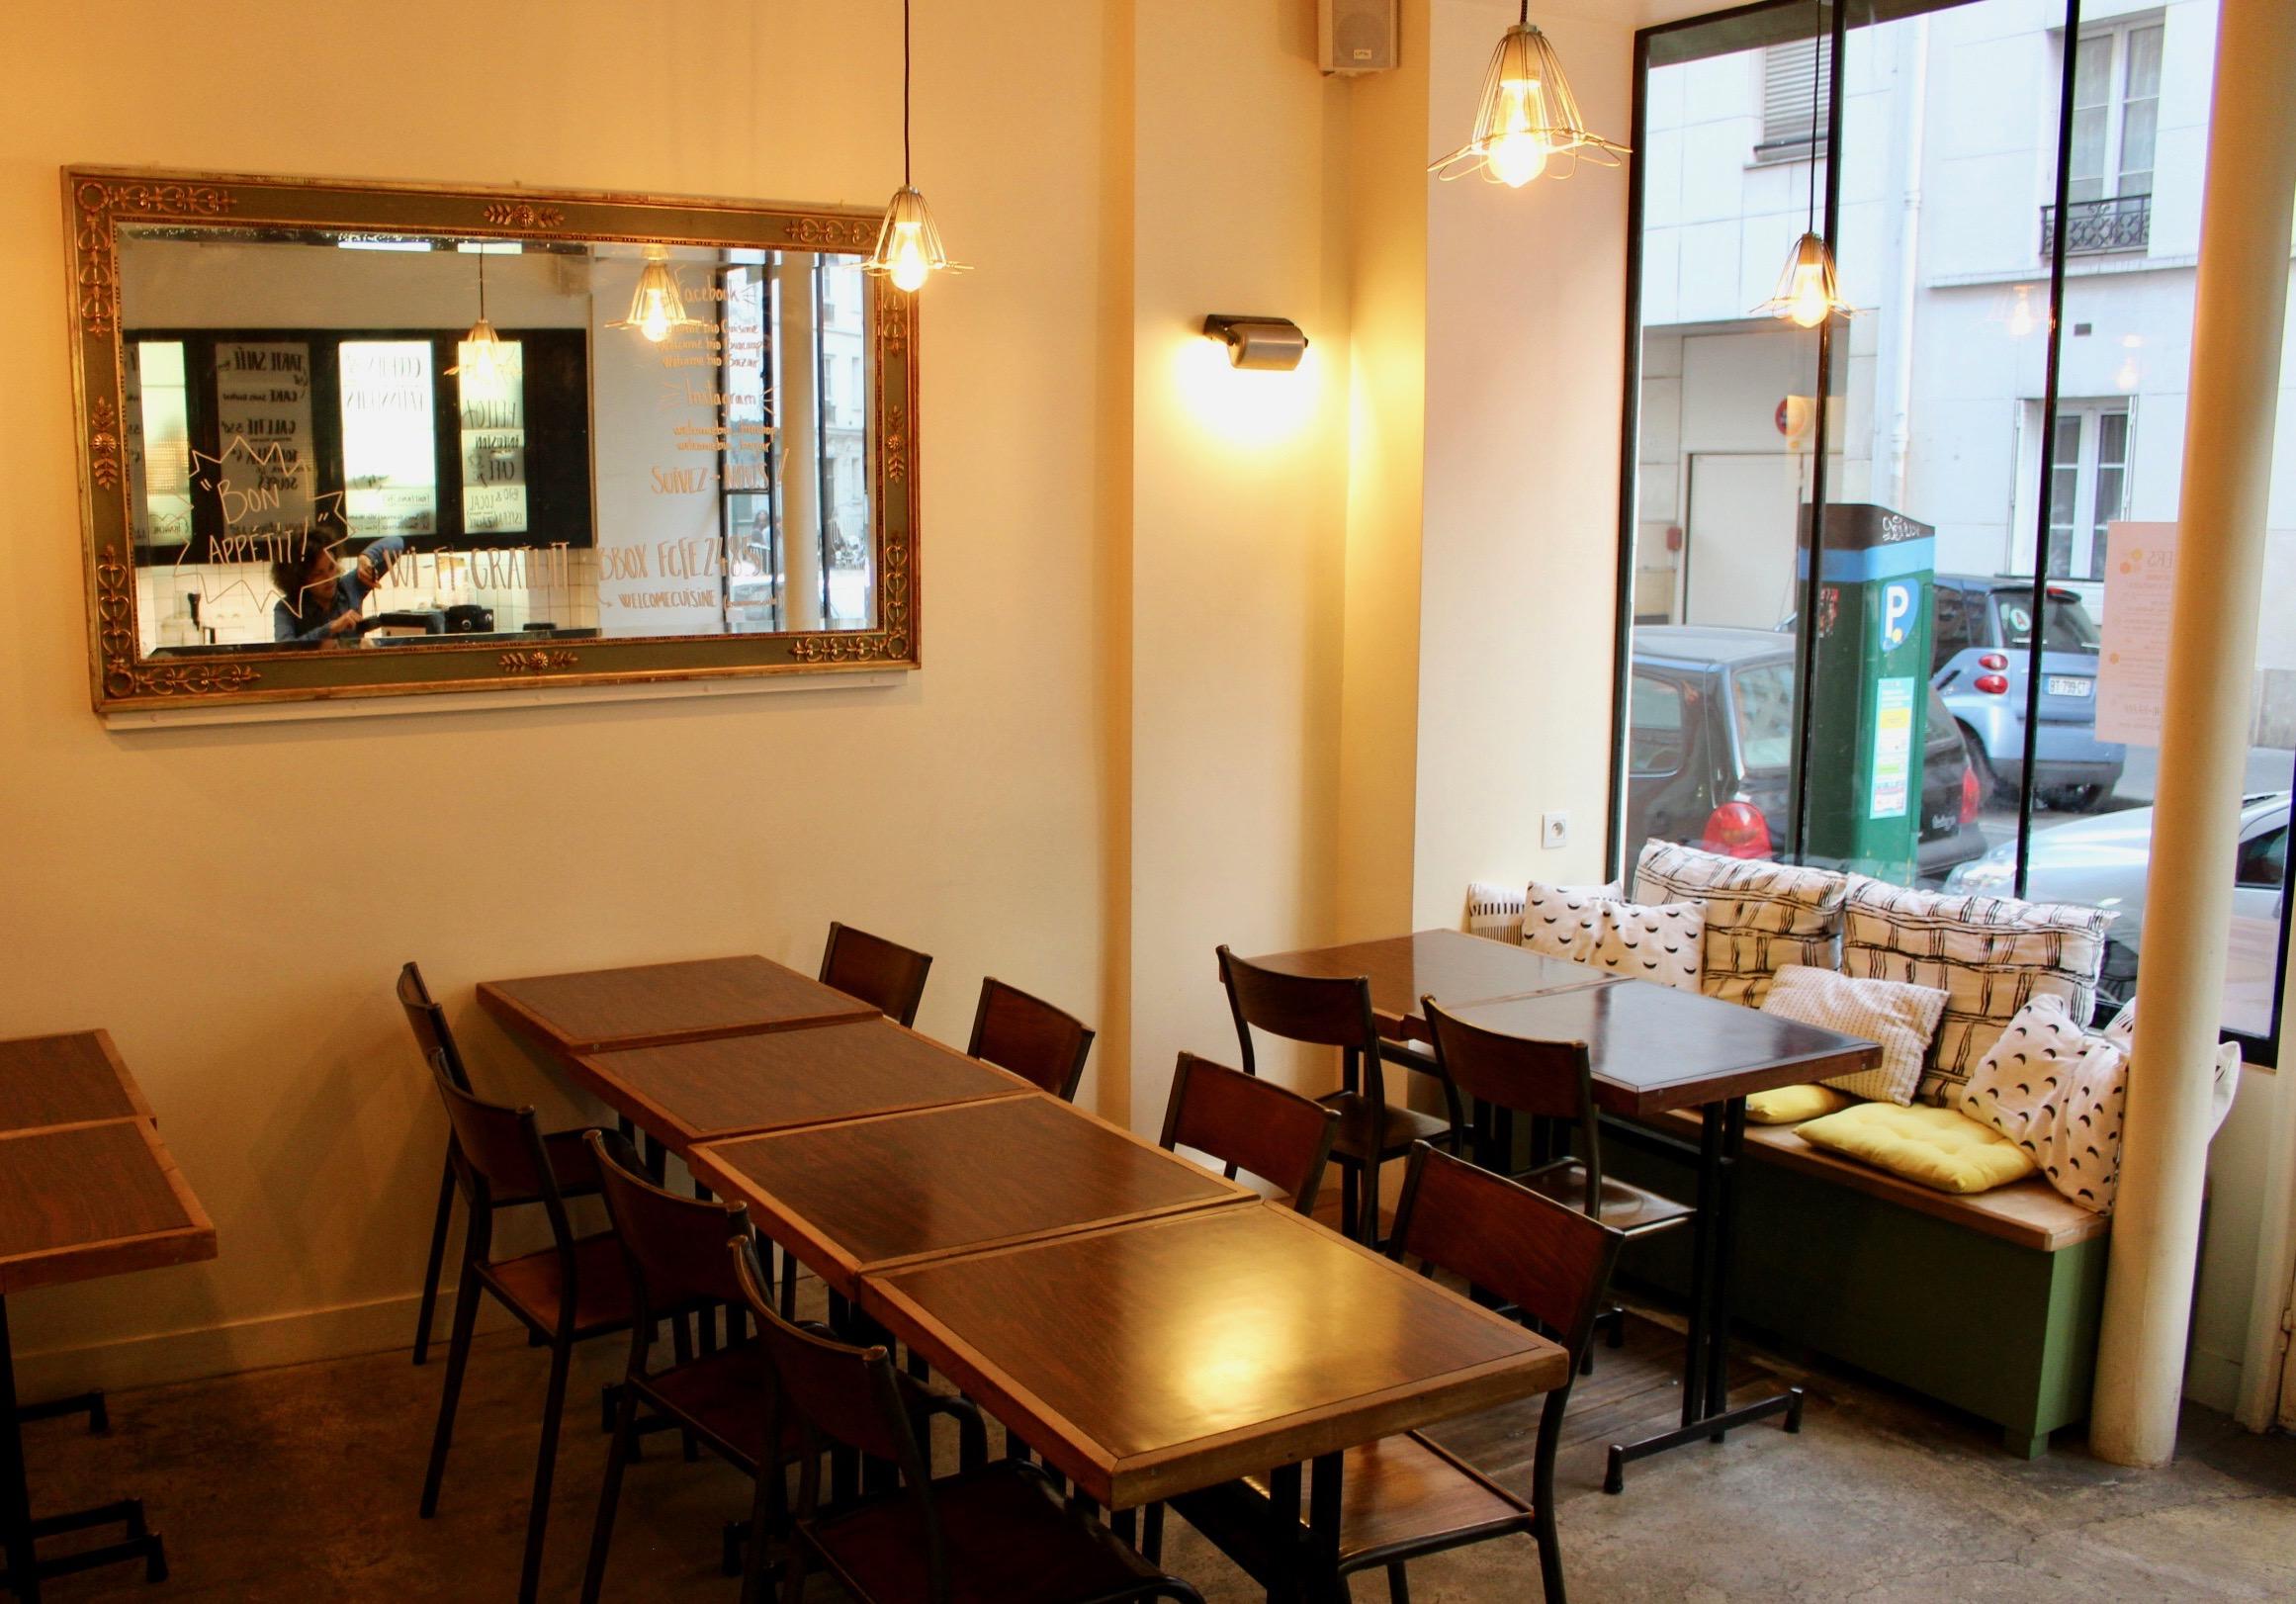 atelier-cours-cuisine-vegan-veggie-ayurvedique-paris.jpg